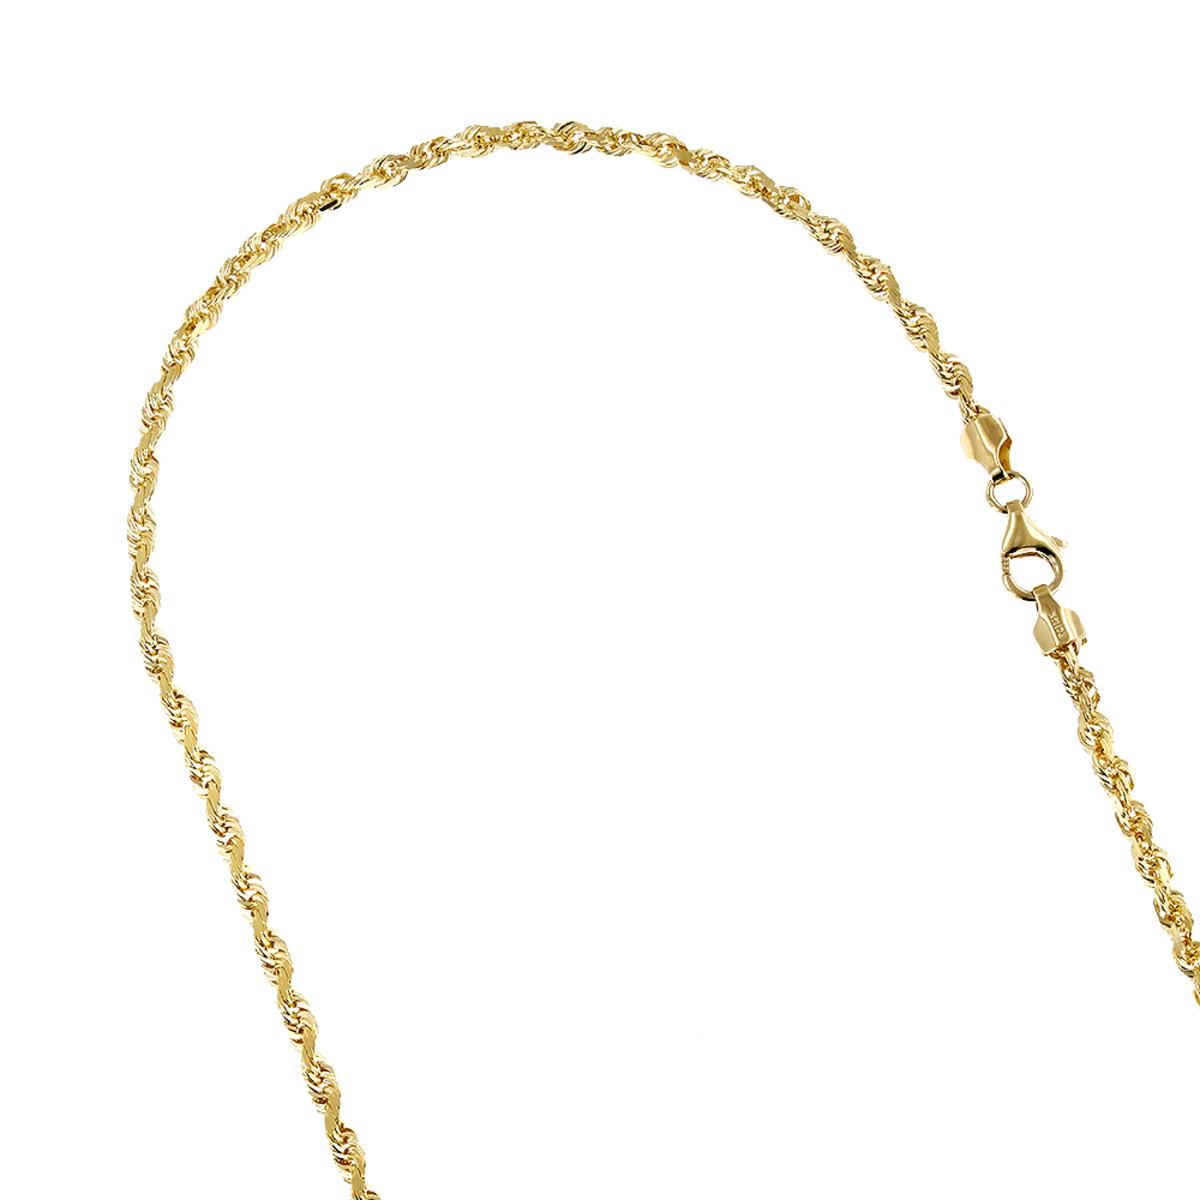 LUXURMAN Solid 10k Gold Rope Chain For Men & Women Diamond Cut 2.5mm